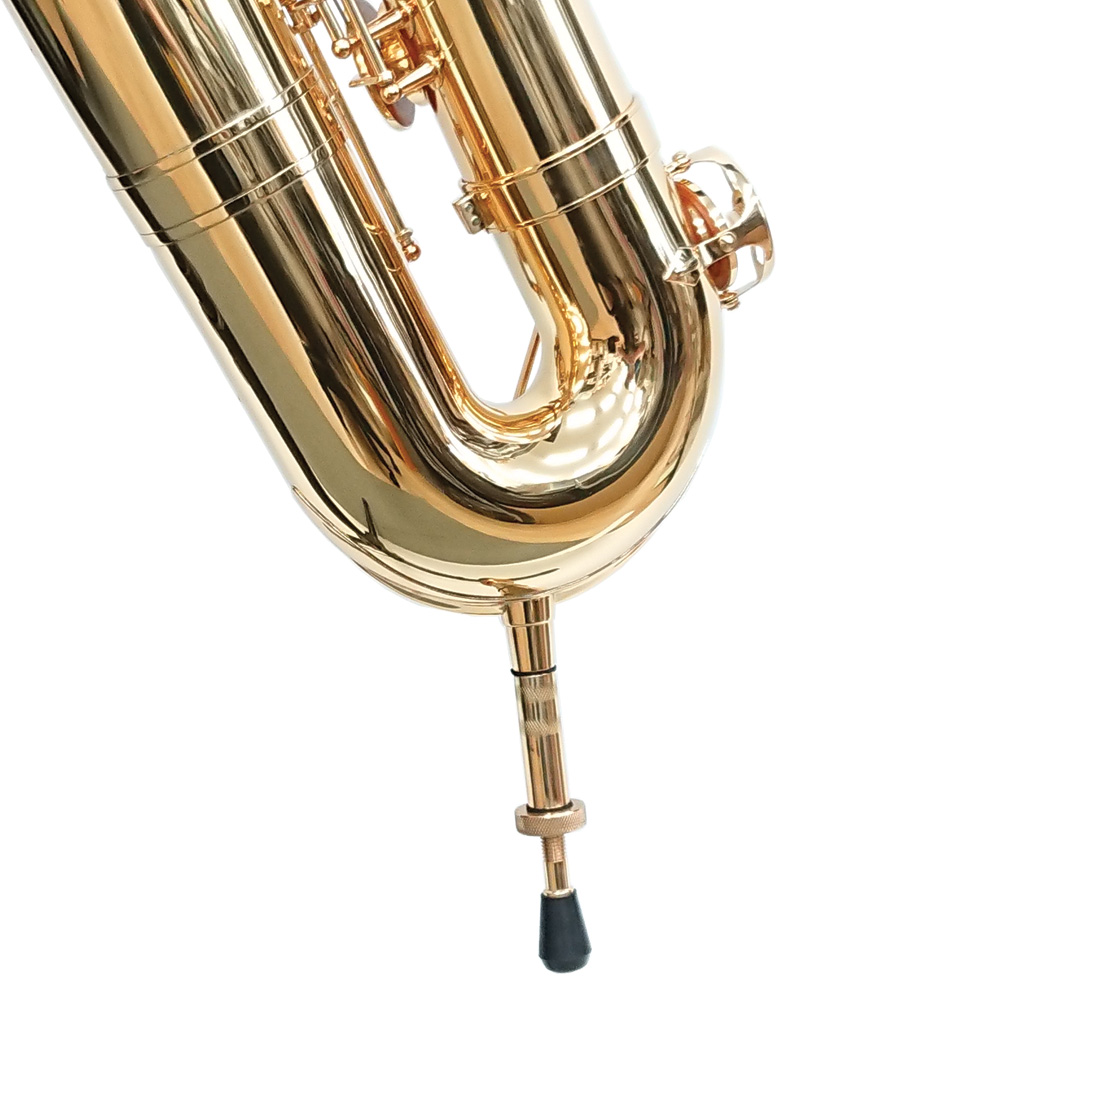 座奏時に使用できる着脱式のペグがついているため便利で、地面とも接地する為低音域の響きも充実します。